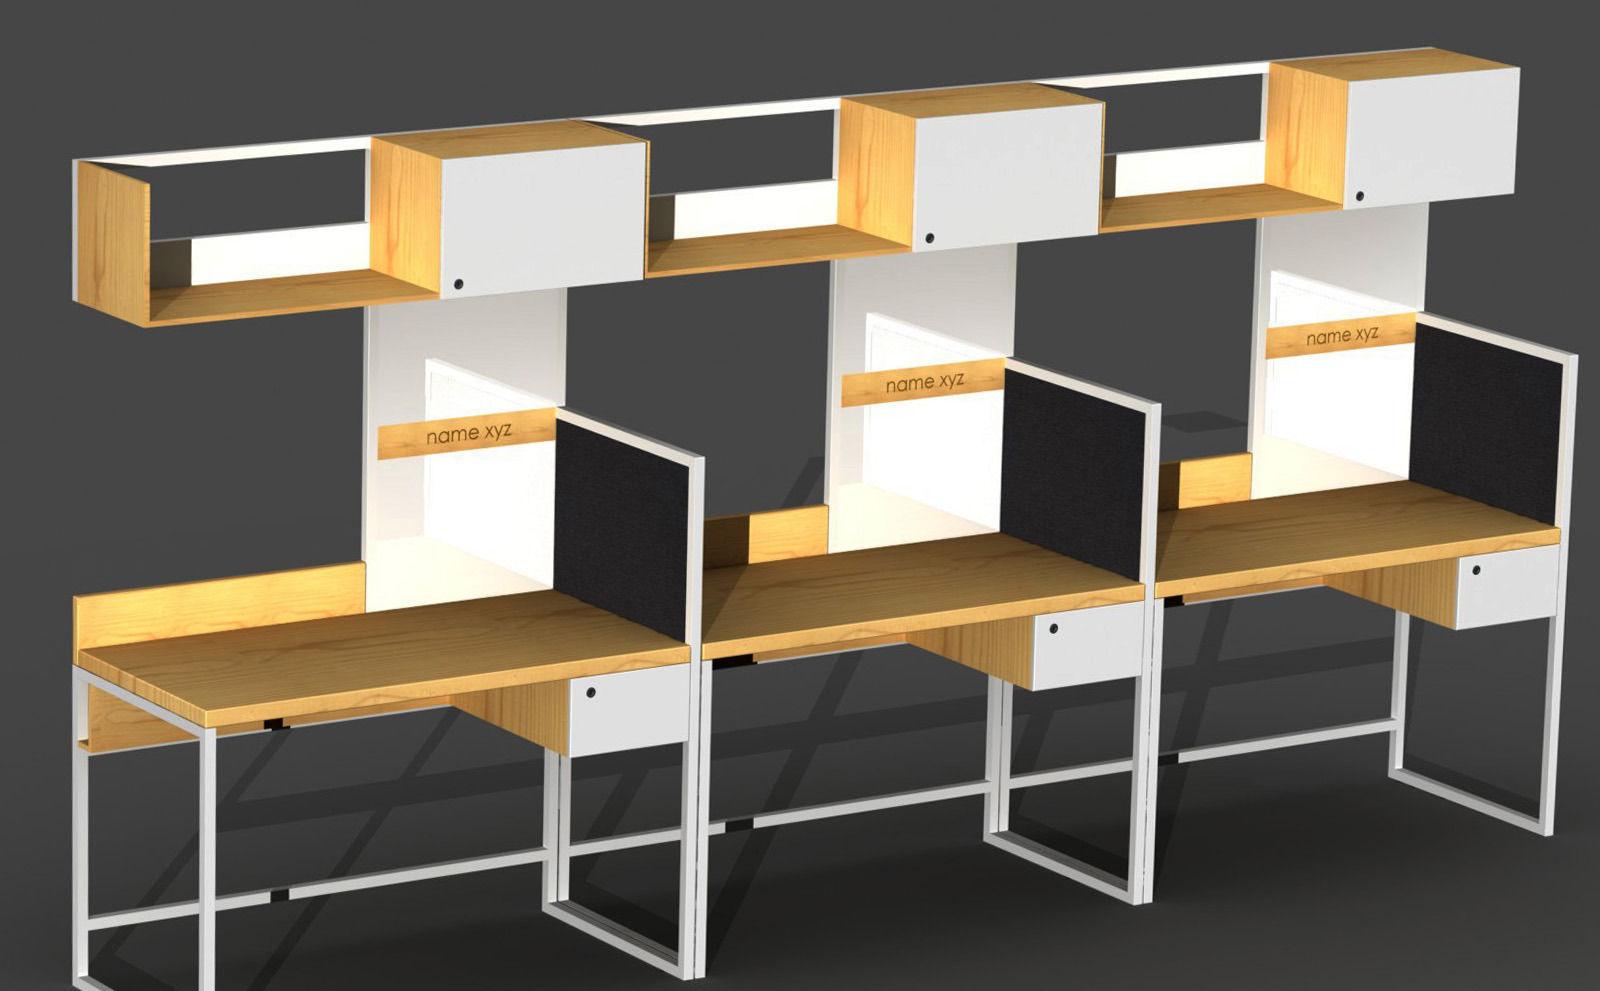 office workstation design. Office Workstation Design 3d Model Sldprt Sldasm Slddrw D